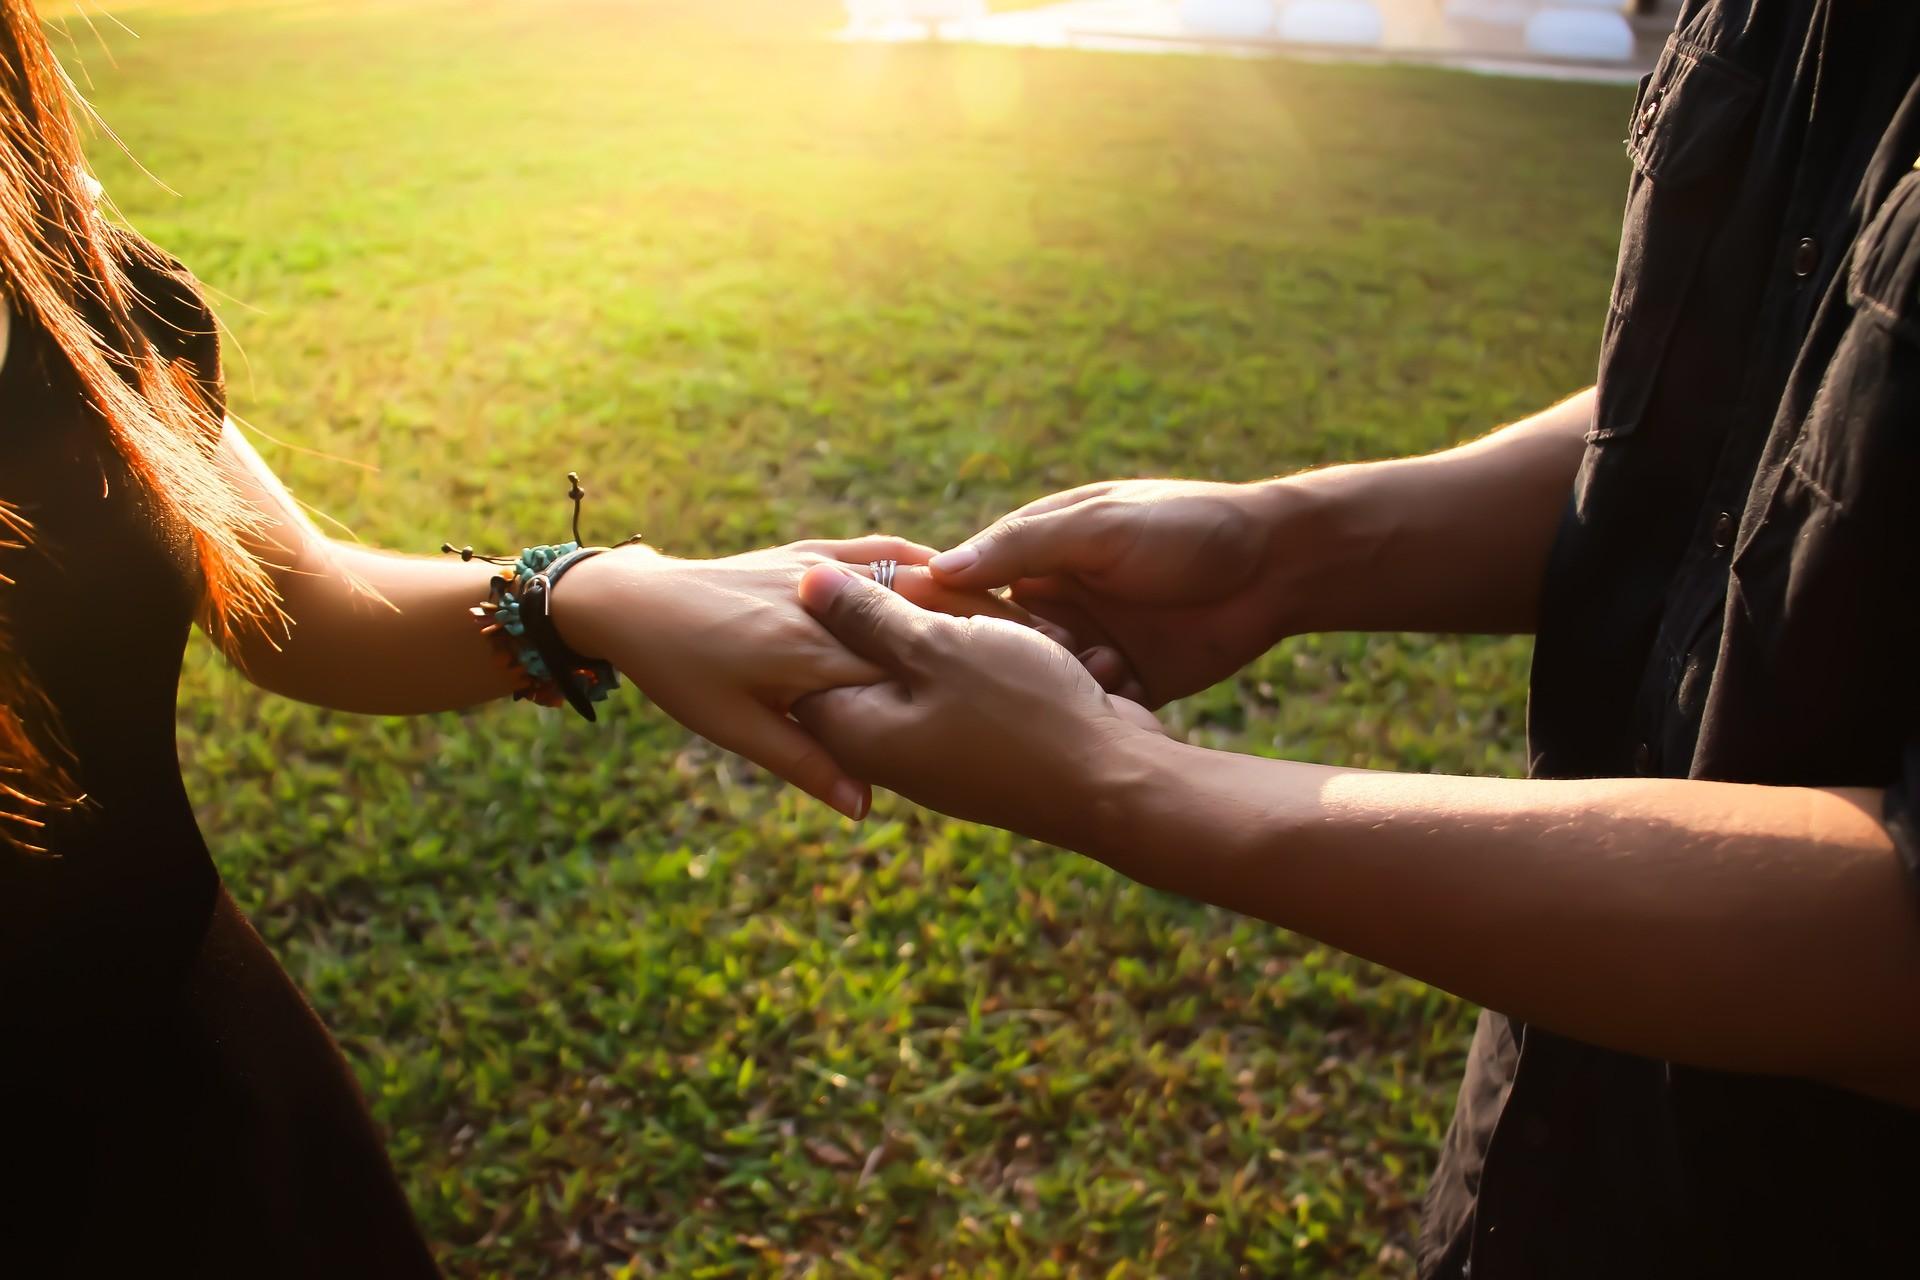 ▲情侶,男女,交往,感情,結婚,求婚。(圖/pixabay)